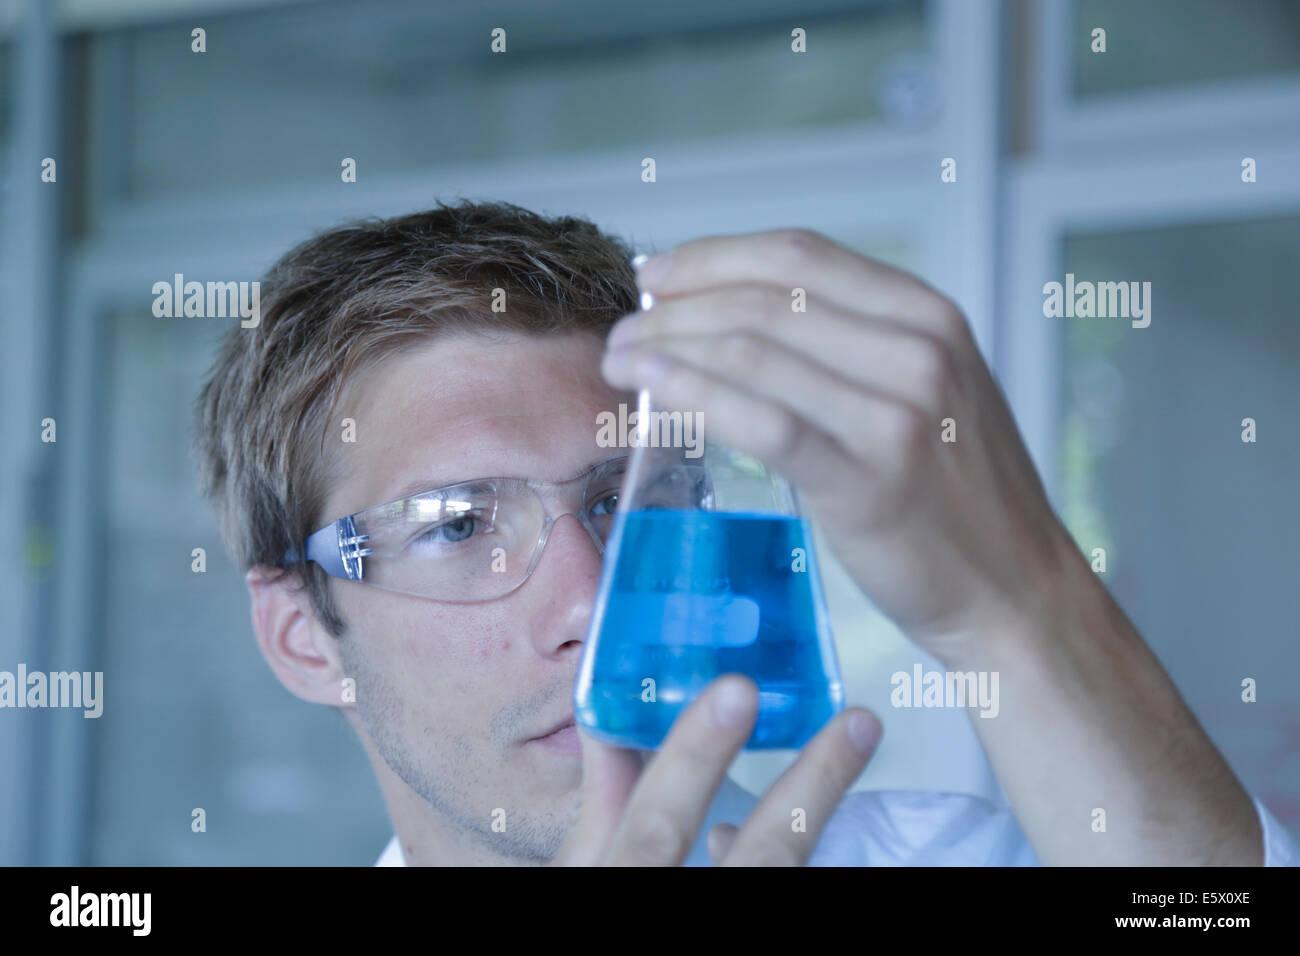 Nahaufnahme eines männlichen Wissenschaftler hält Erlenmeyerkolben im Labor Stockbild